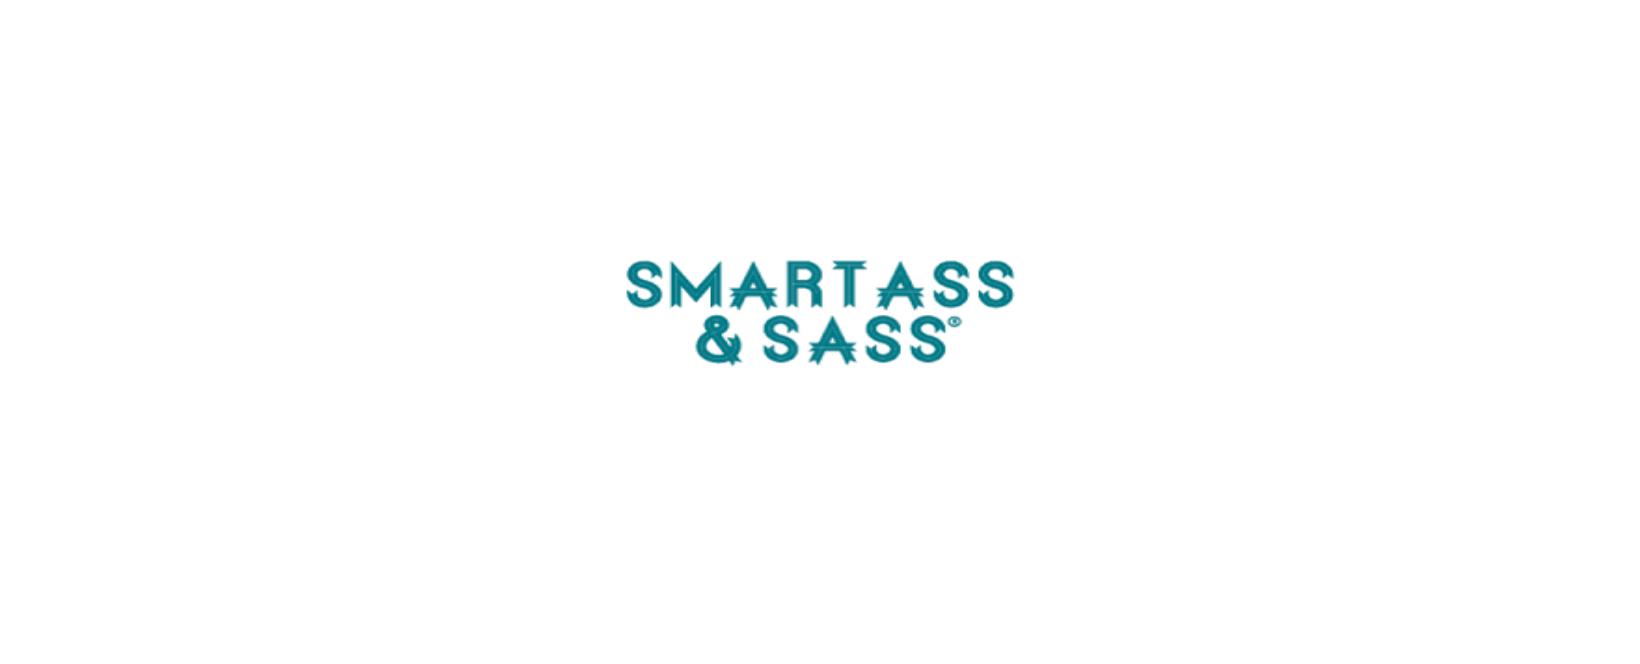 Smartass & Sass Discount Code 2021